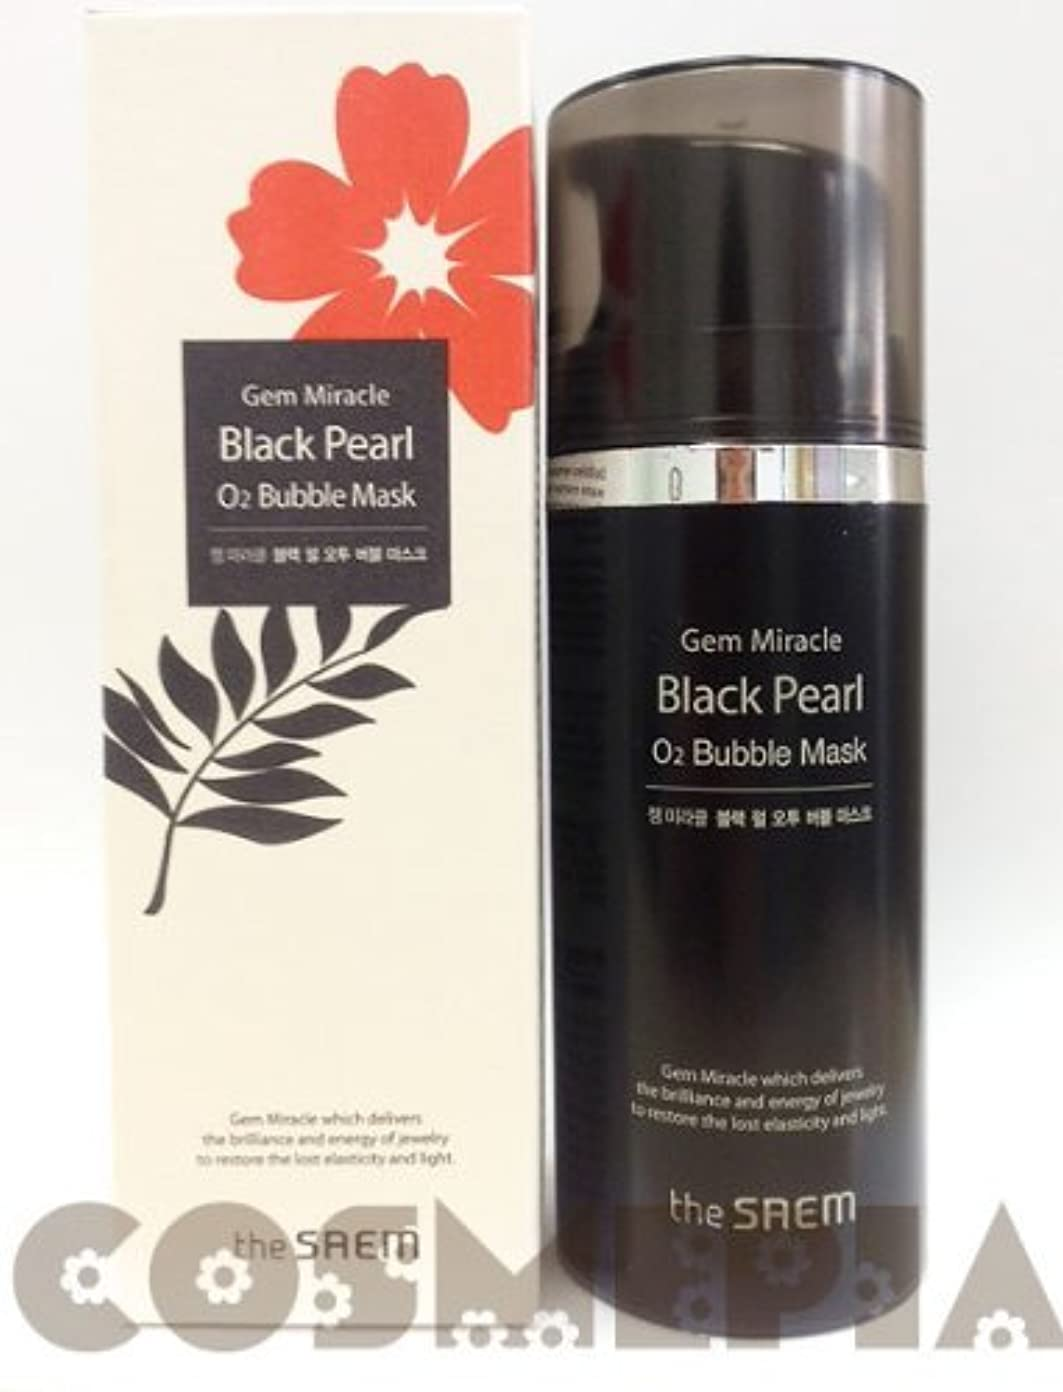 汚い近くホバービッグサイズ ザ?セム ジェム ミラクル ブラックパールO2 バブルマスク 105g the saem Gem Miracle Black Pea...